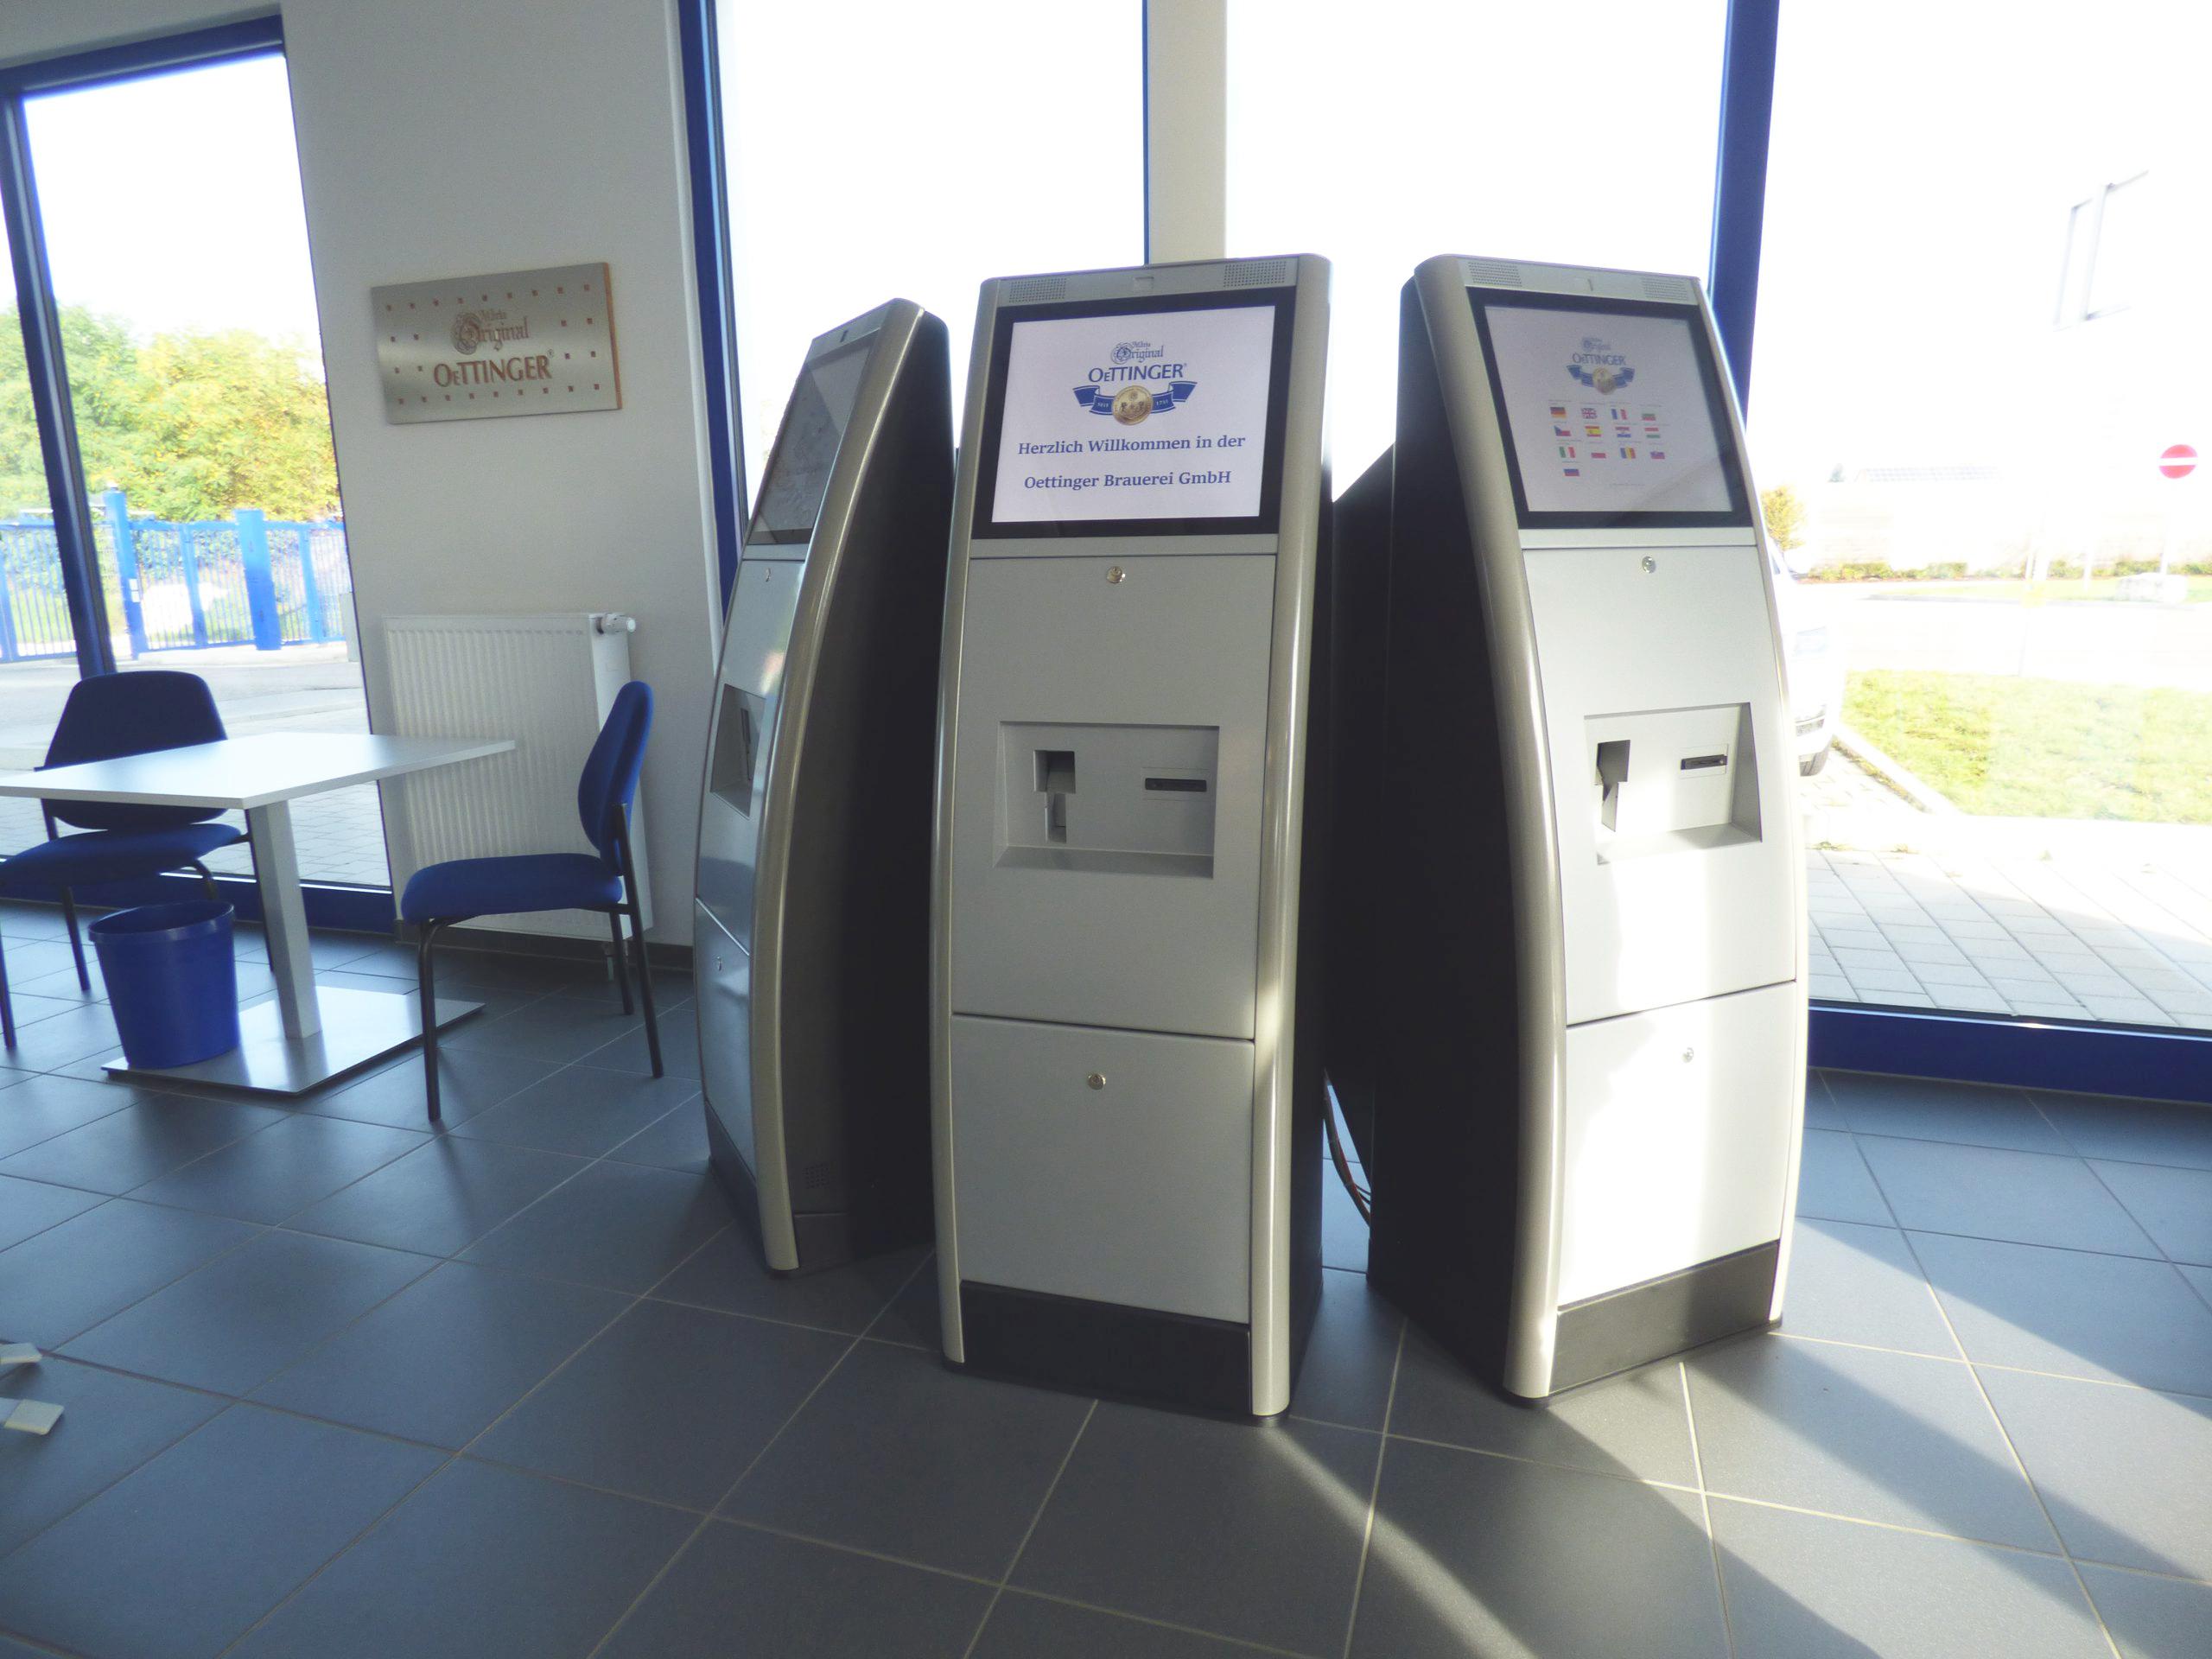 Die drei Check-in-Terminals im Eingangsbereich bedienen die zahlreichen Besucher. (Bild: Digital Zeit GmbH)